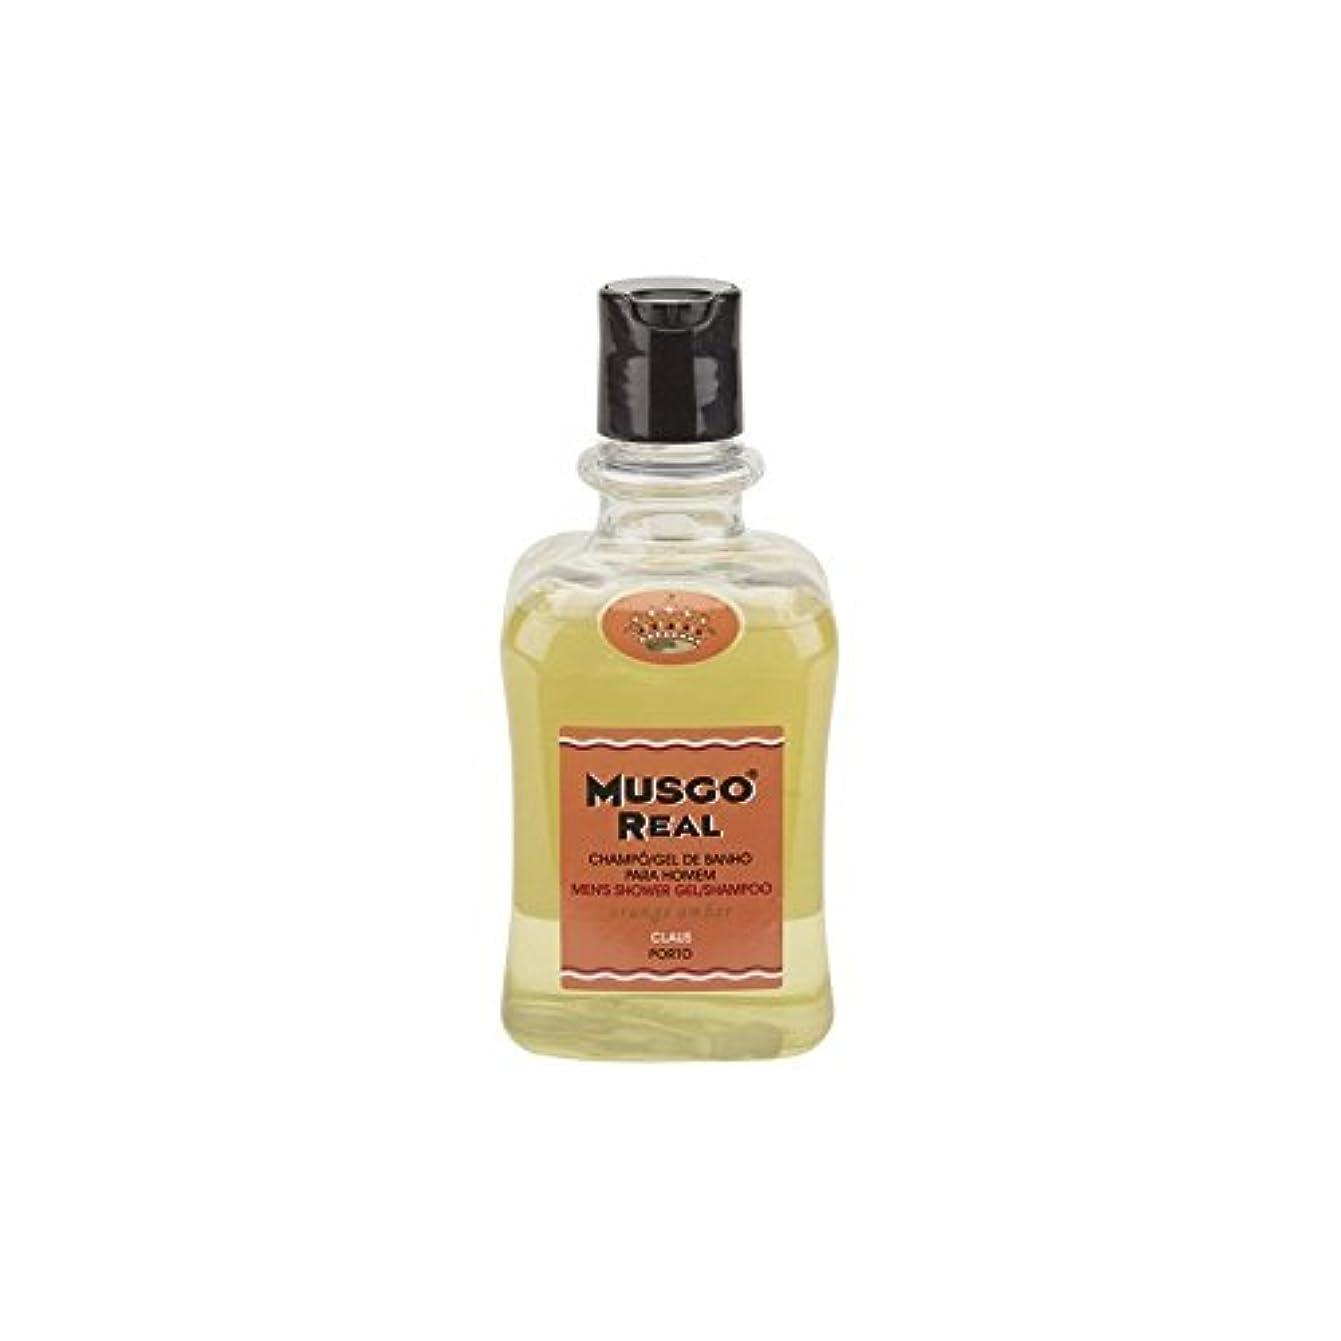 フロント乱用食事Musgo Shower Gel - Orange Amber - シャワージェル - オレンジアンバー [並行輸入品]